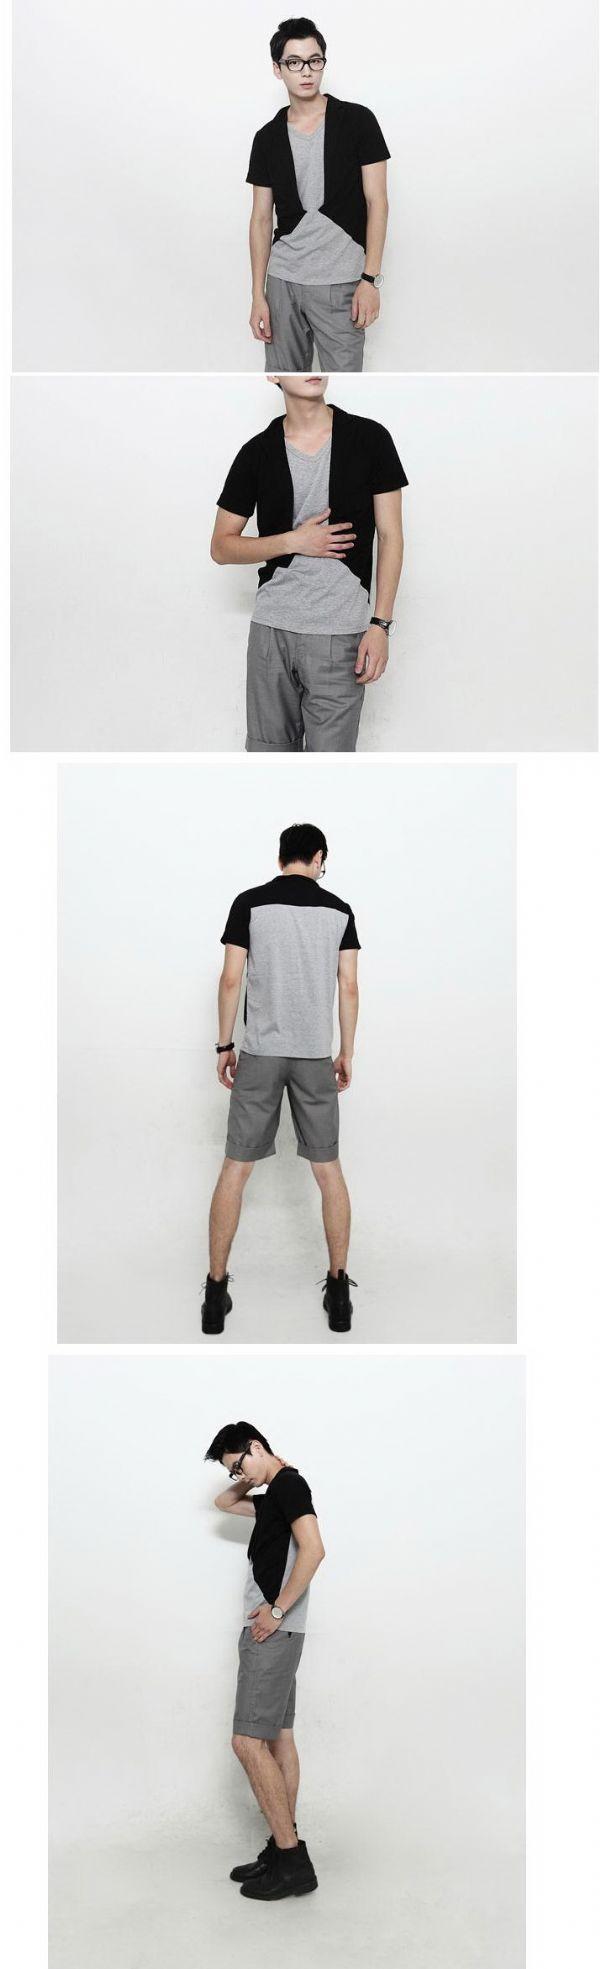 เสื้อผ้าผู้ชาย เสื้อผ้าแฟชั่นผู้ชาย t-shirt มีปก fake 2 ชั้นสปอร์ตแขนสั้น น่ารักม๊าก